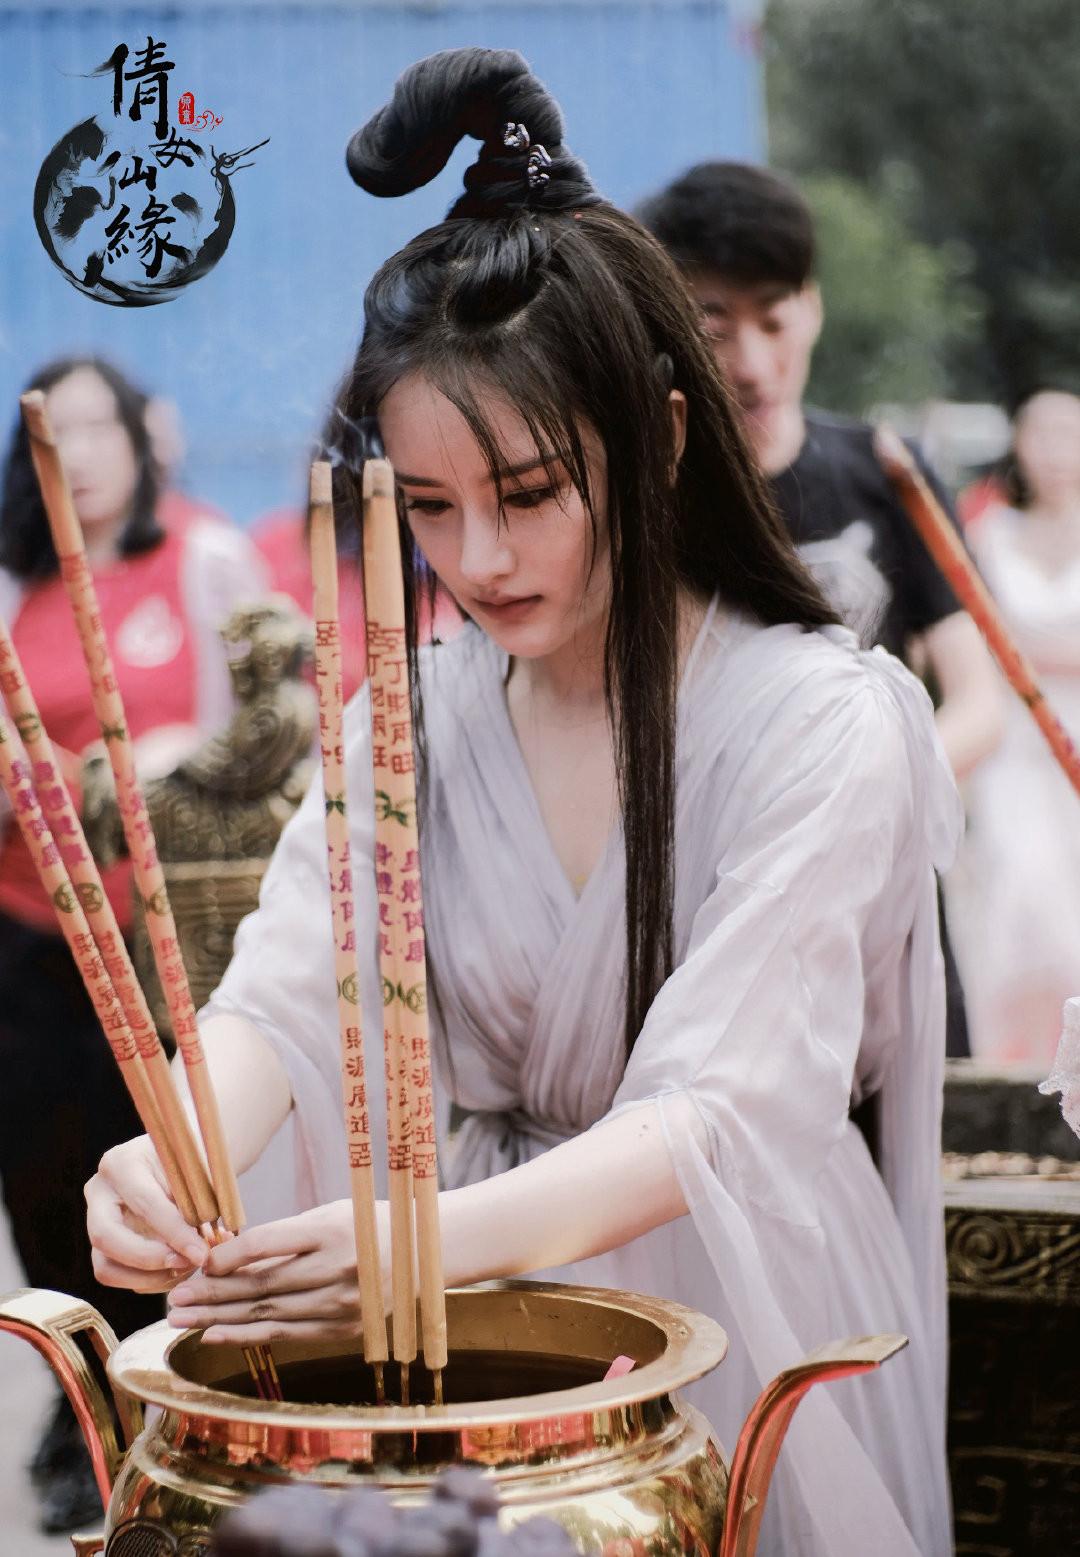 網絡大電影《倩女仙緣》在橫店清明上河圖景區開機